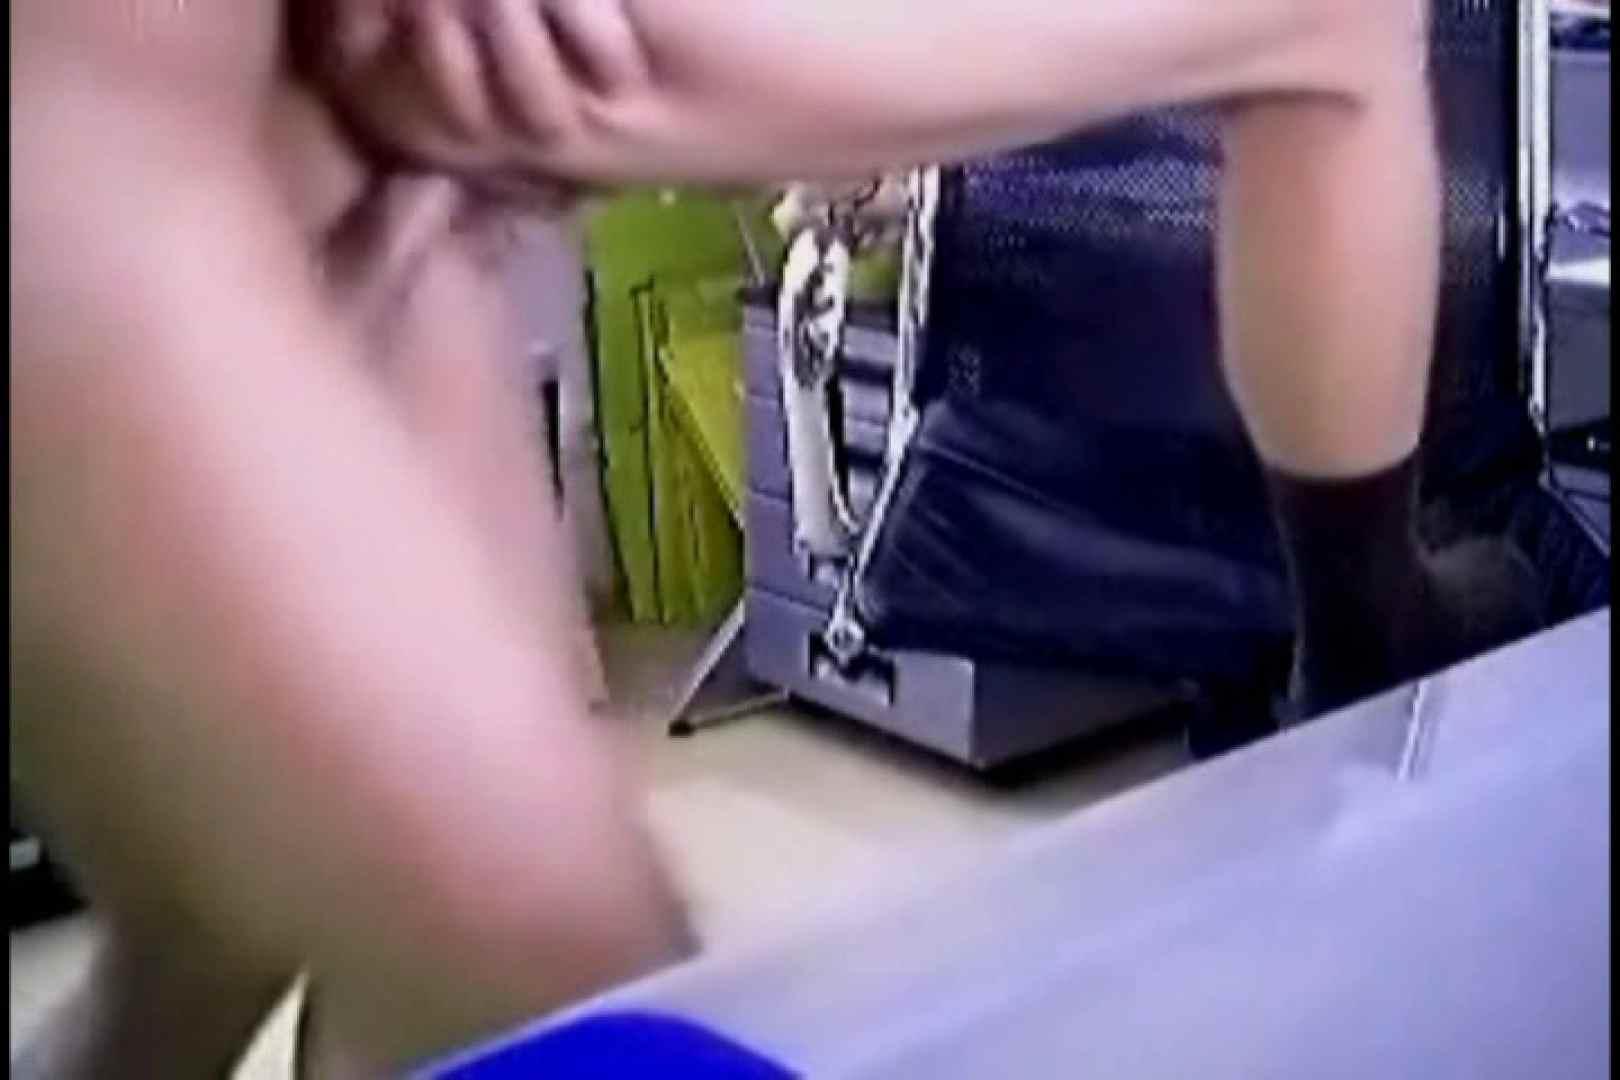 続・某掲示板に投稿された素人女性たちvol.8 素人丸裸 | 美しいOLの裸体  86pic 49